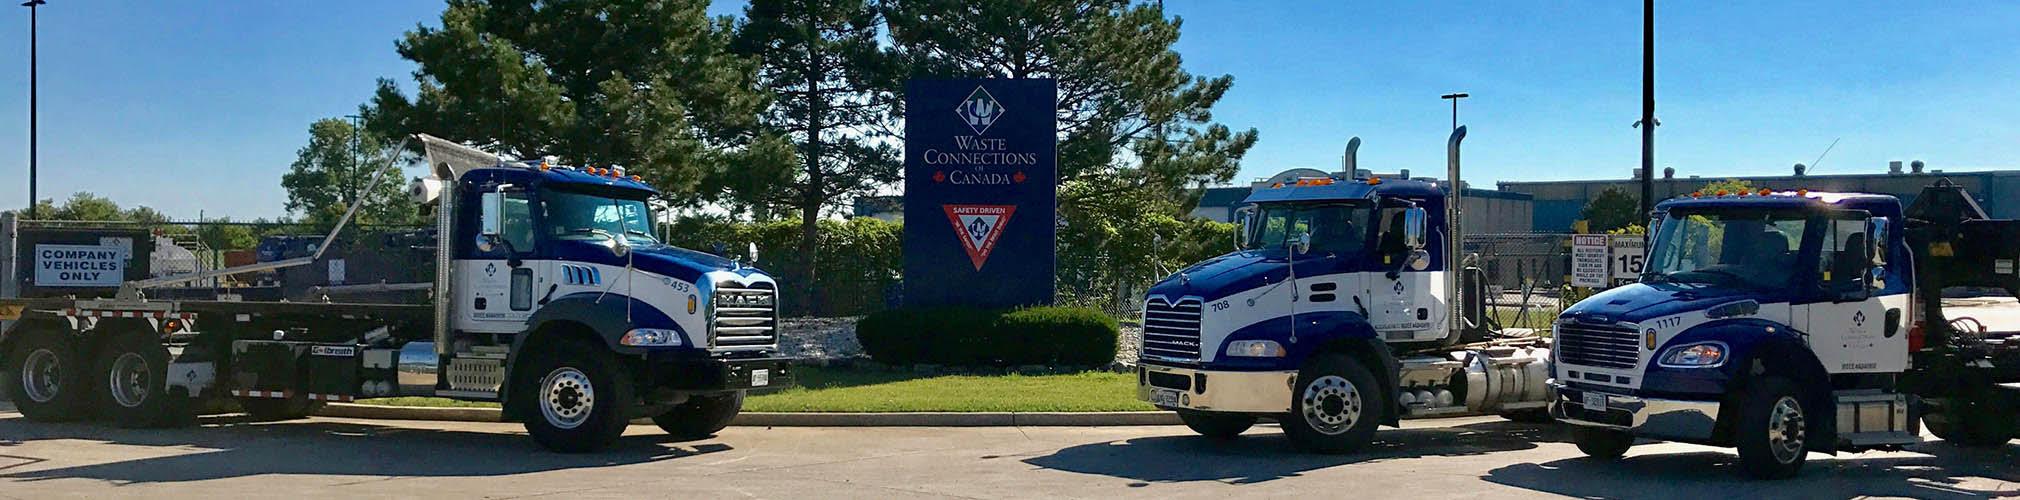 WCC Vehicles